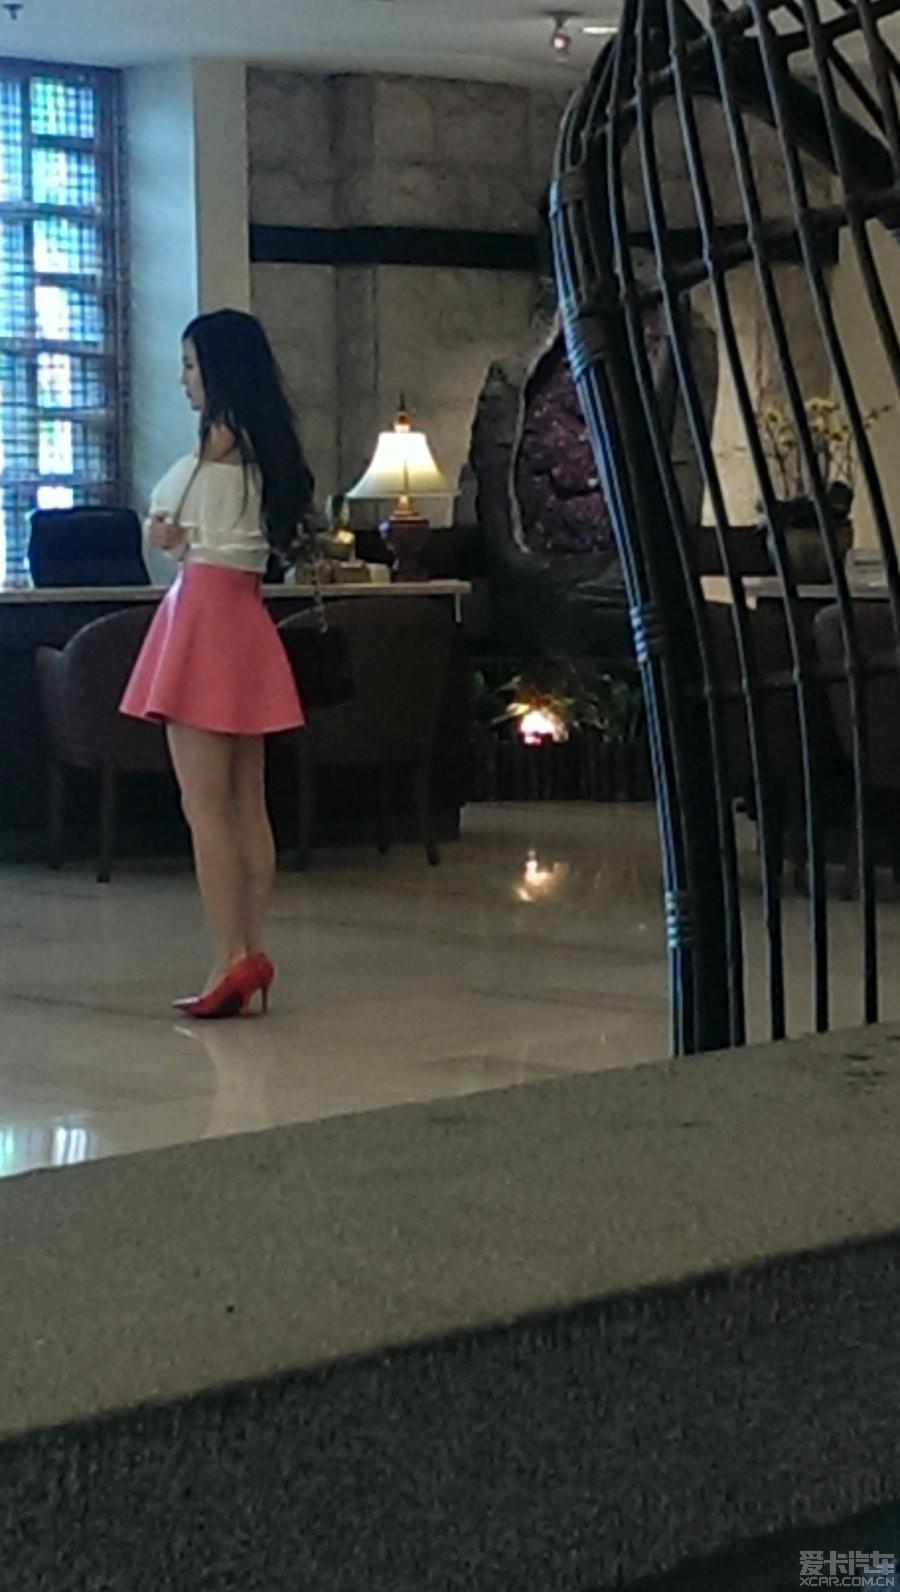 靓女闲着美女拍大堂,旁边有狼办checkout,凑合想酒店上天图片